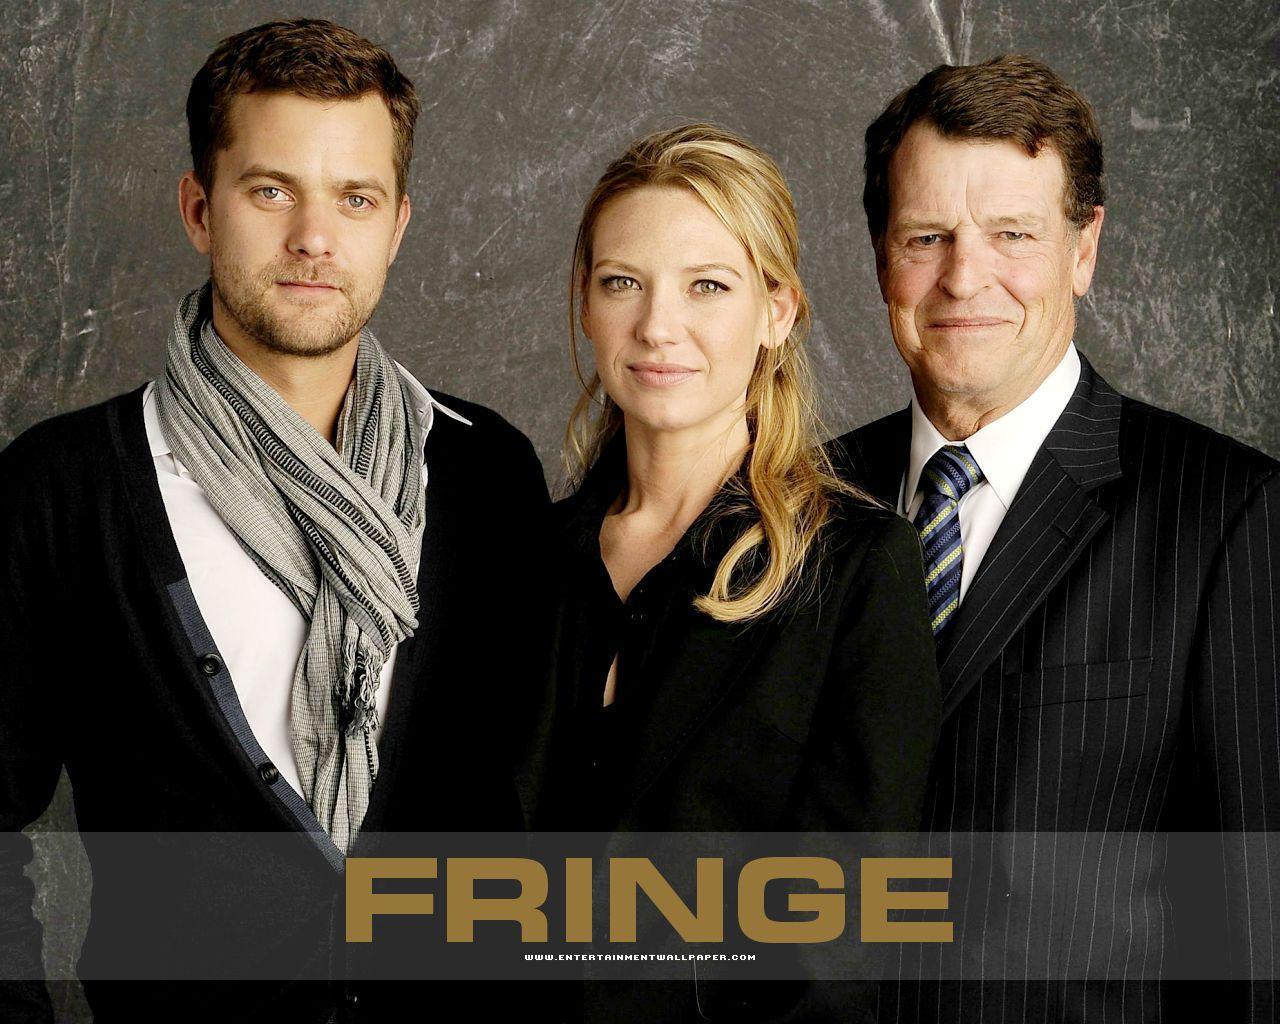 image detail for fringe fringe 5791542 1280 1024 fringe events in